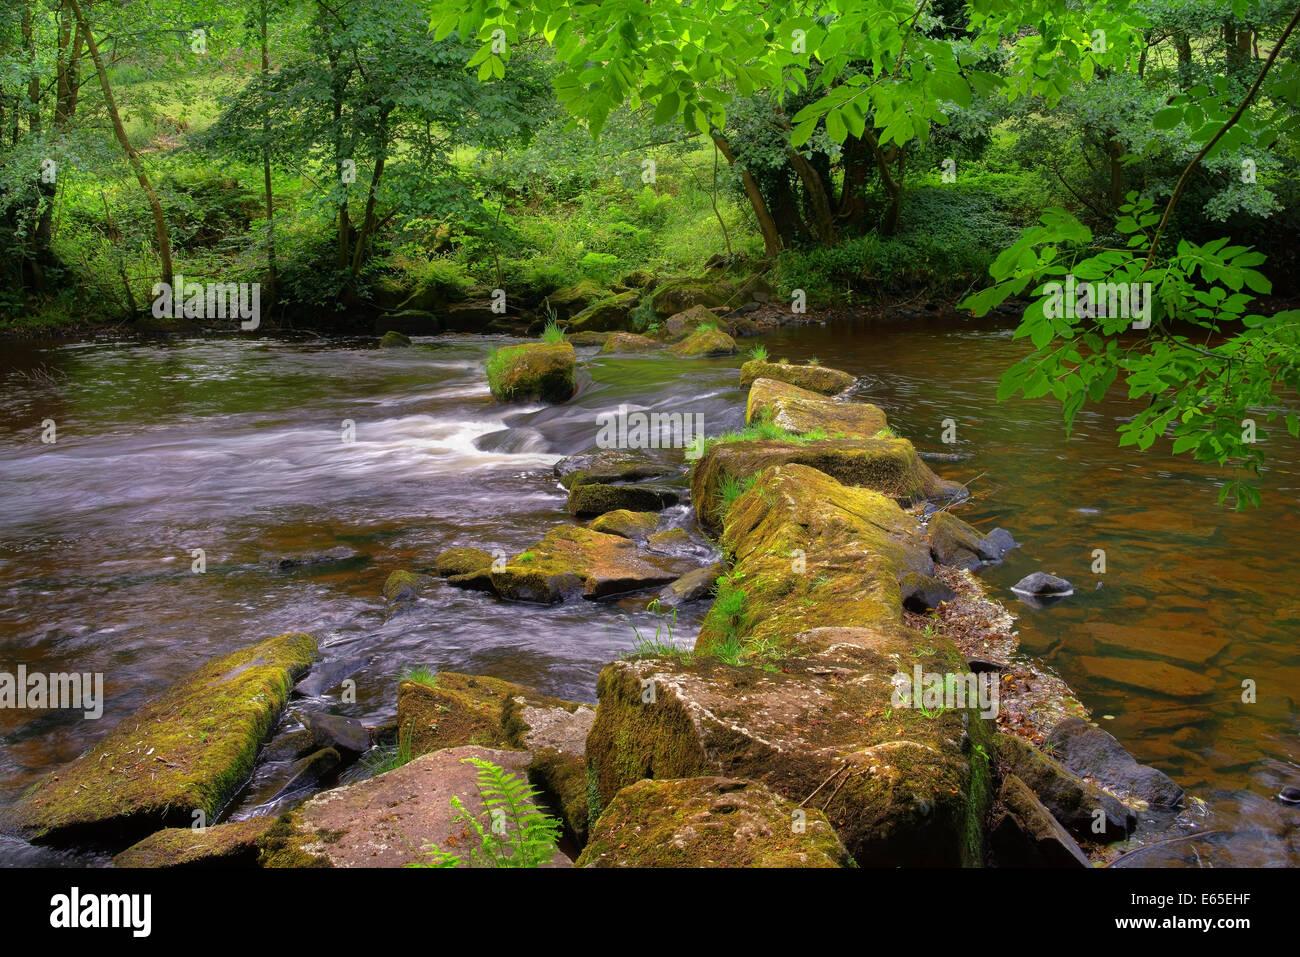 Großbritannien, Derbyshire, Peak District, River Derwent und Stepping Stones in der Nähe von Hathersage Stockbild